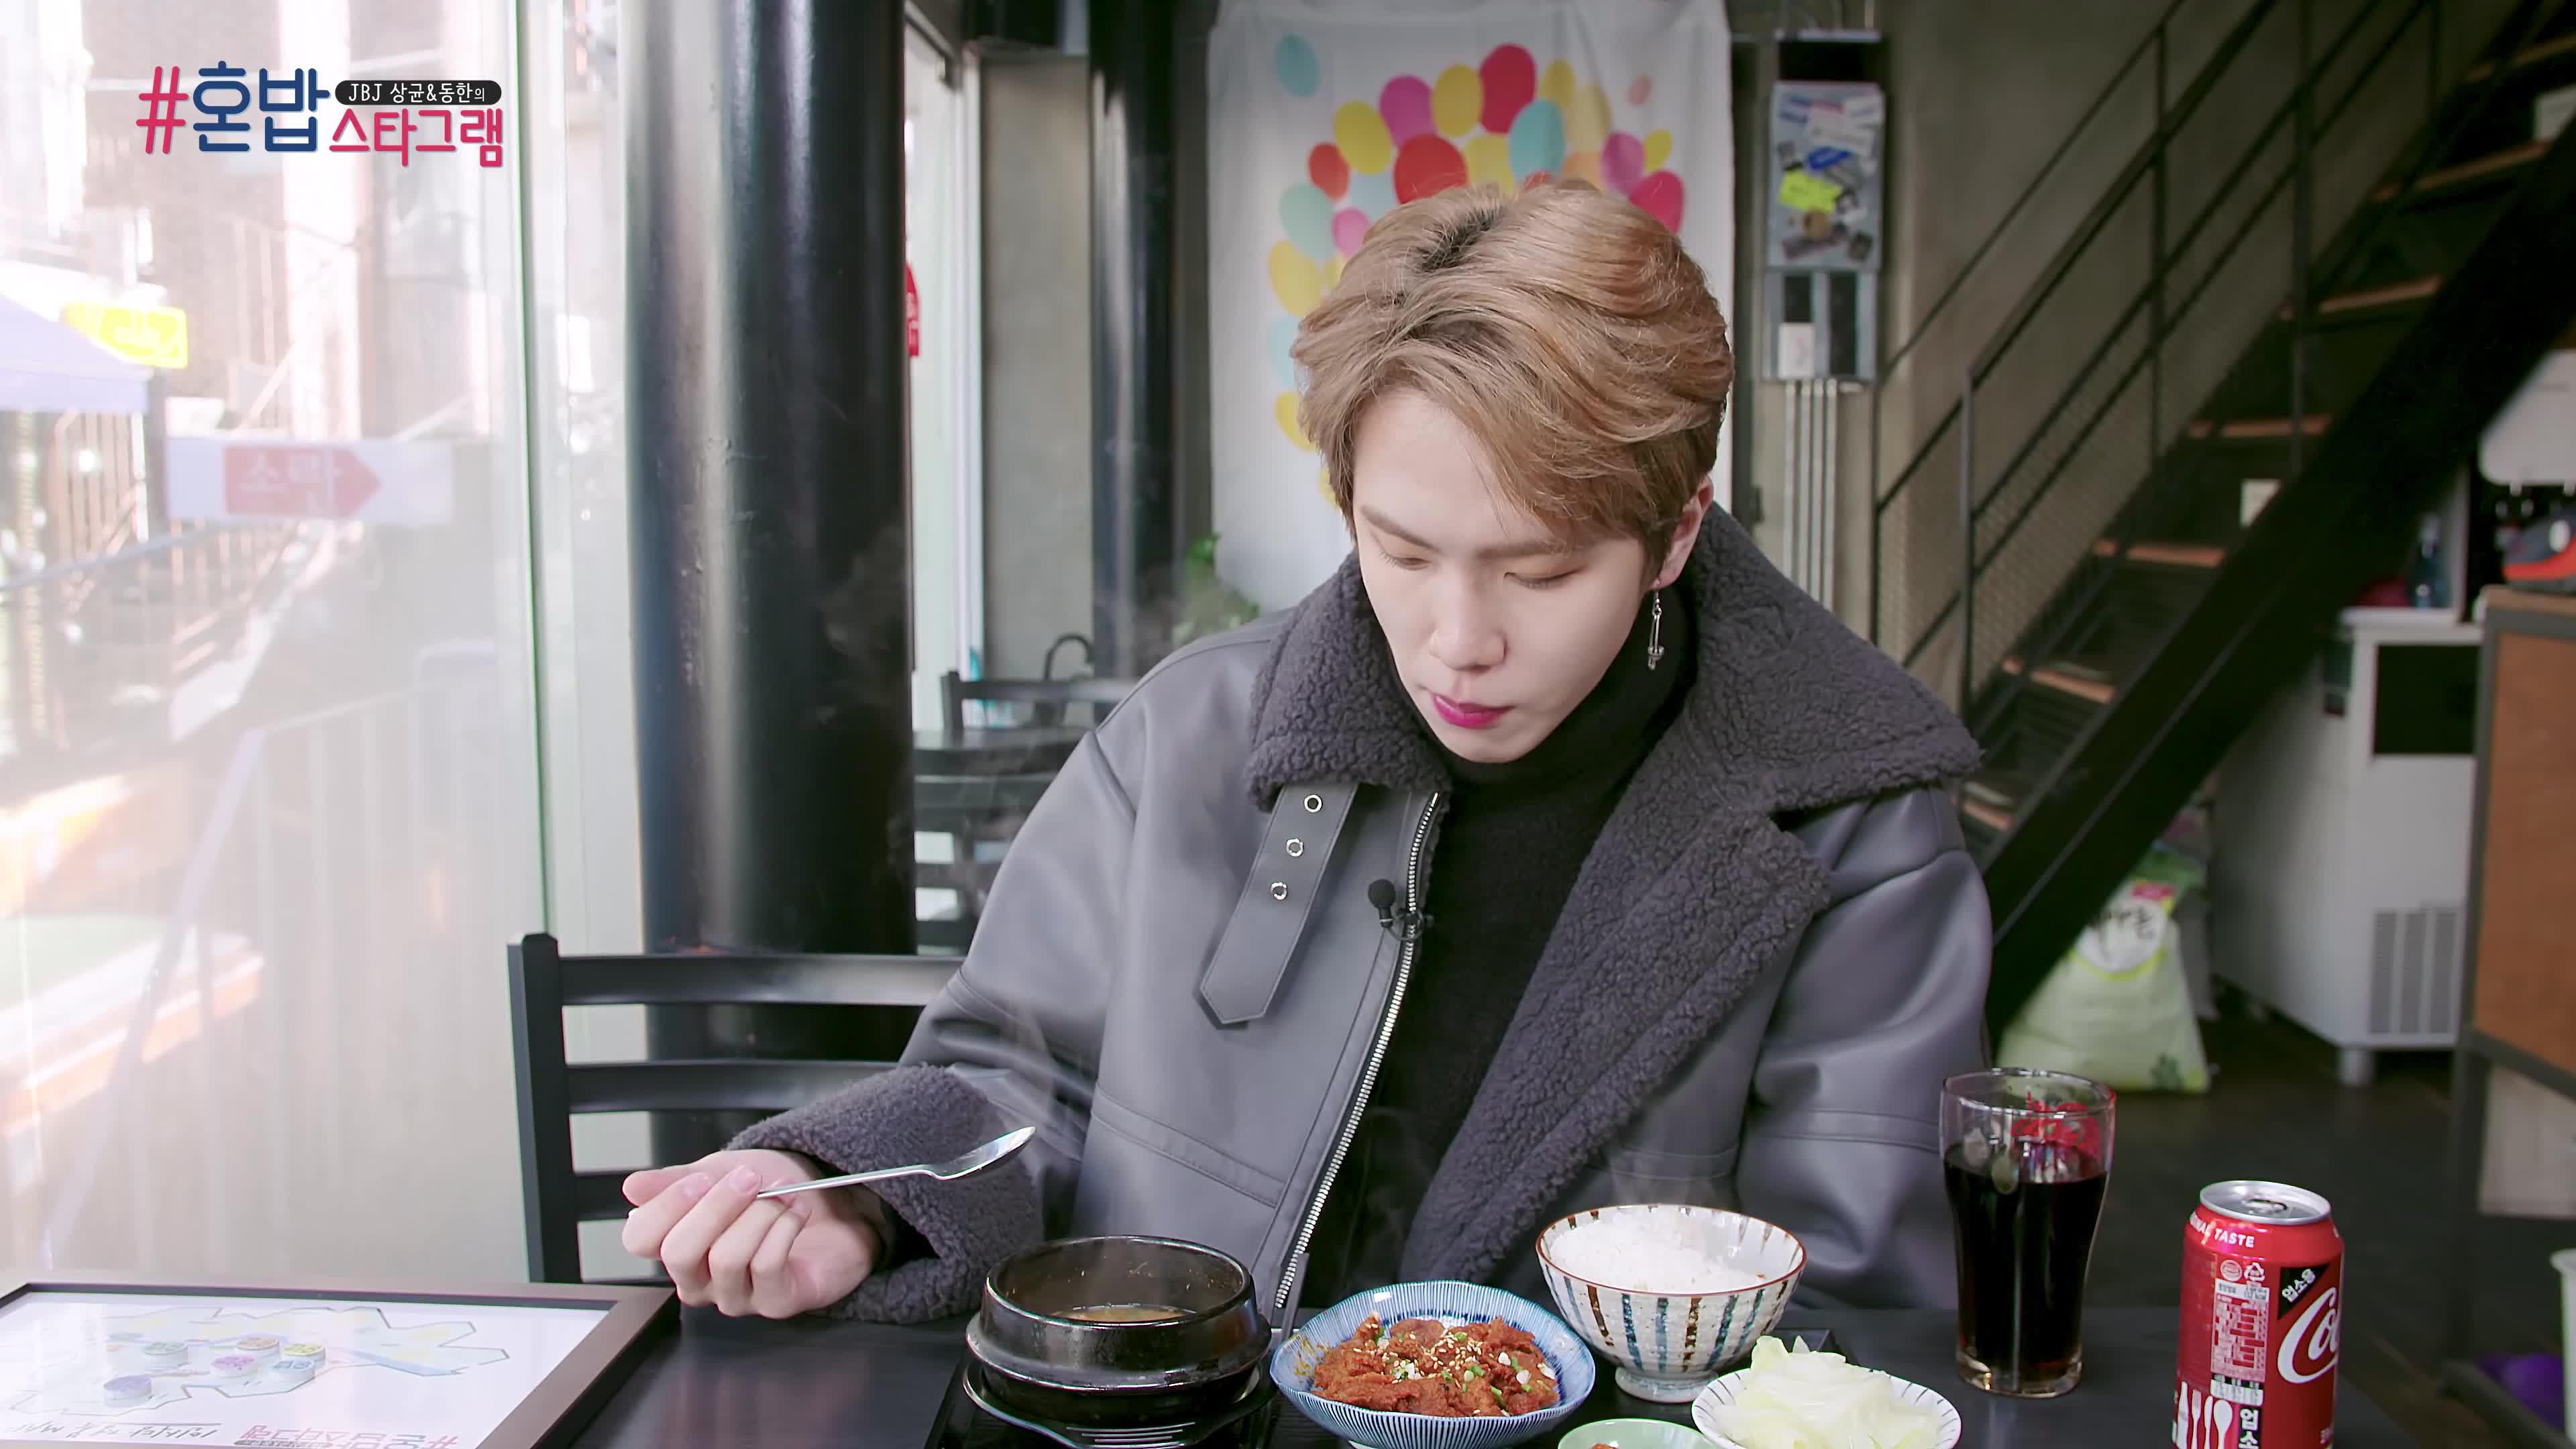 [혼밥스타그램 16회 예고] #동하니 #편식이 #뭔가요??